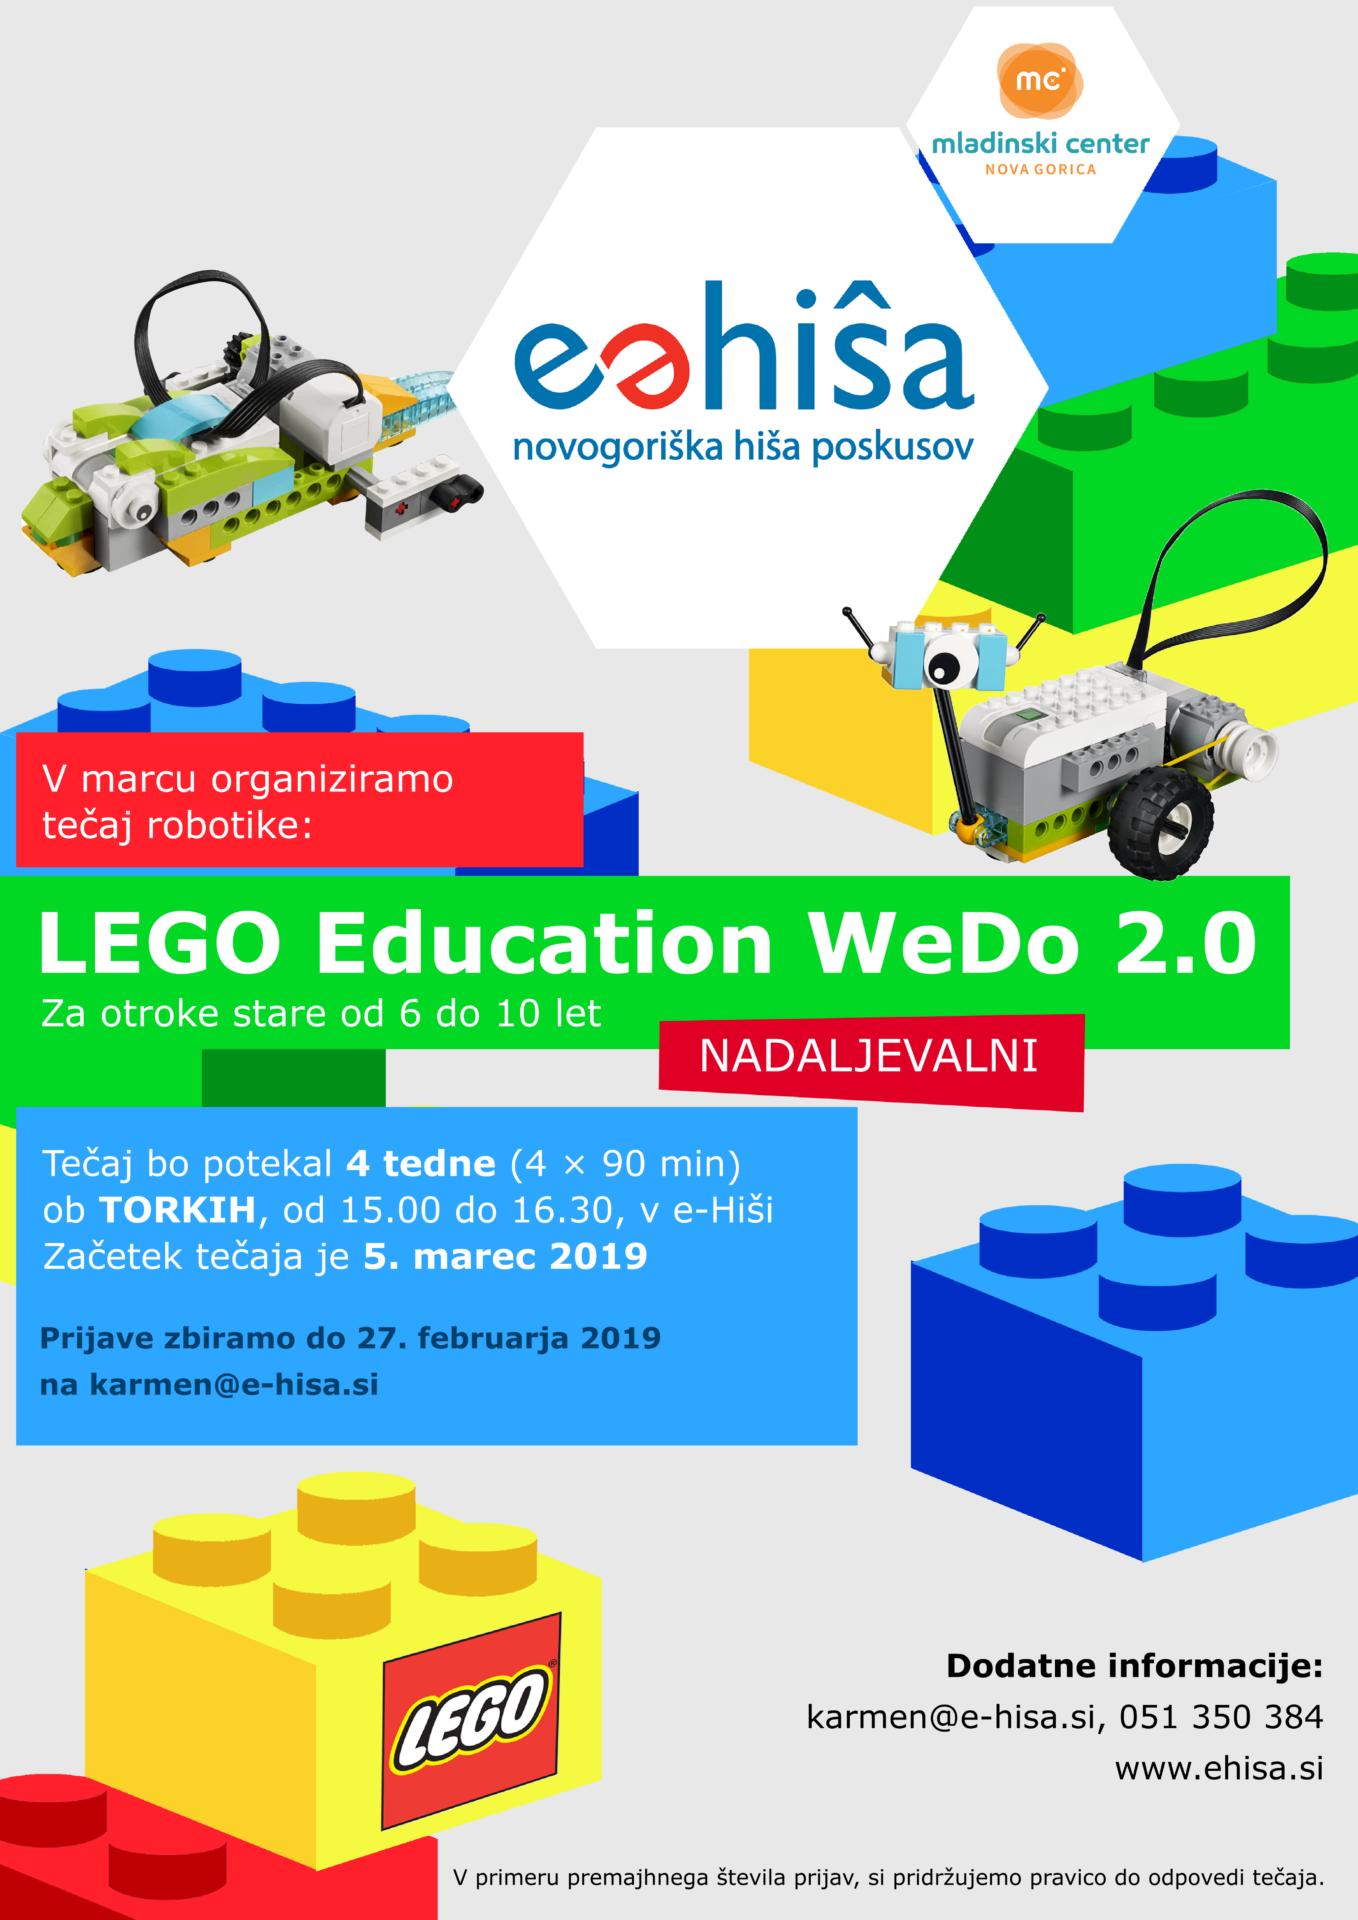 Lego WeDo 2.0 nadaljevalni tečaj v Marcu 2019 v e-Hiši v Novi Gorici